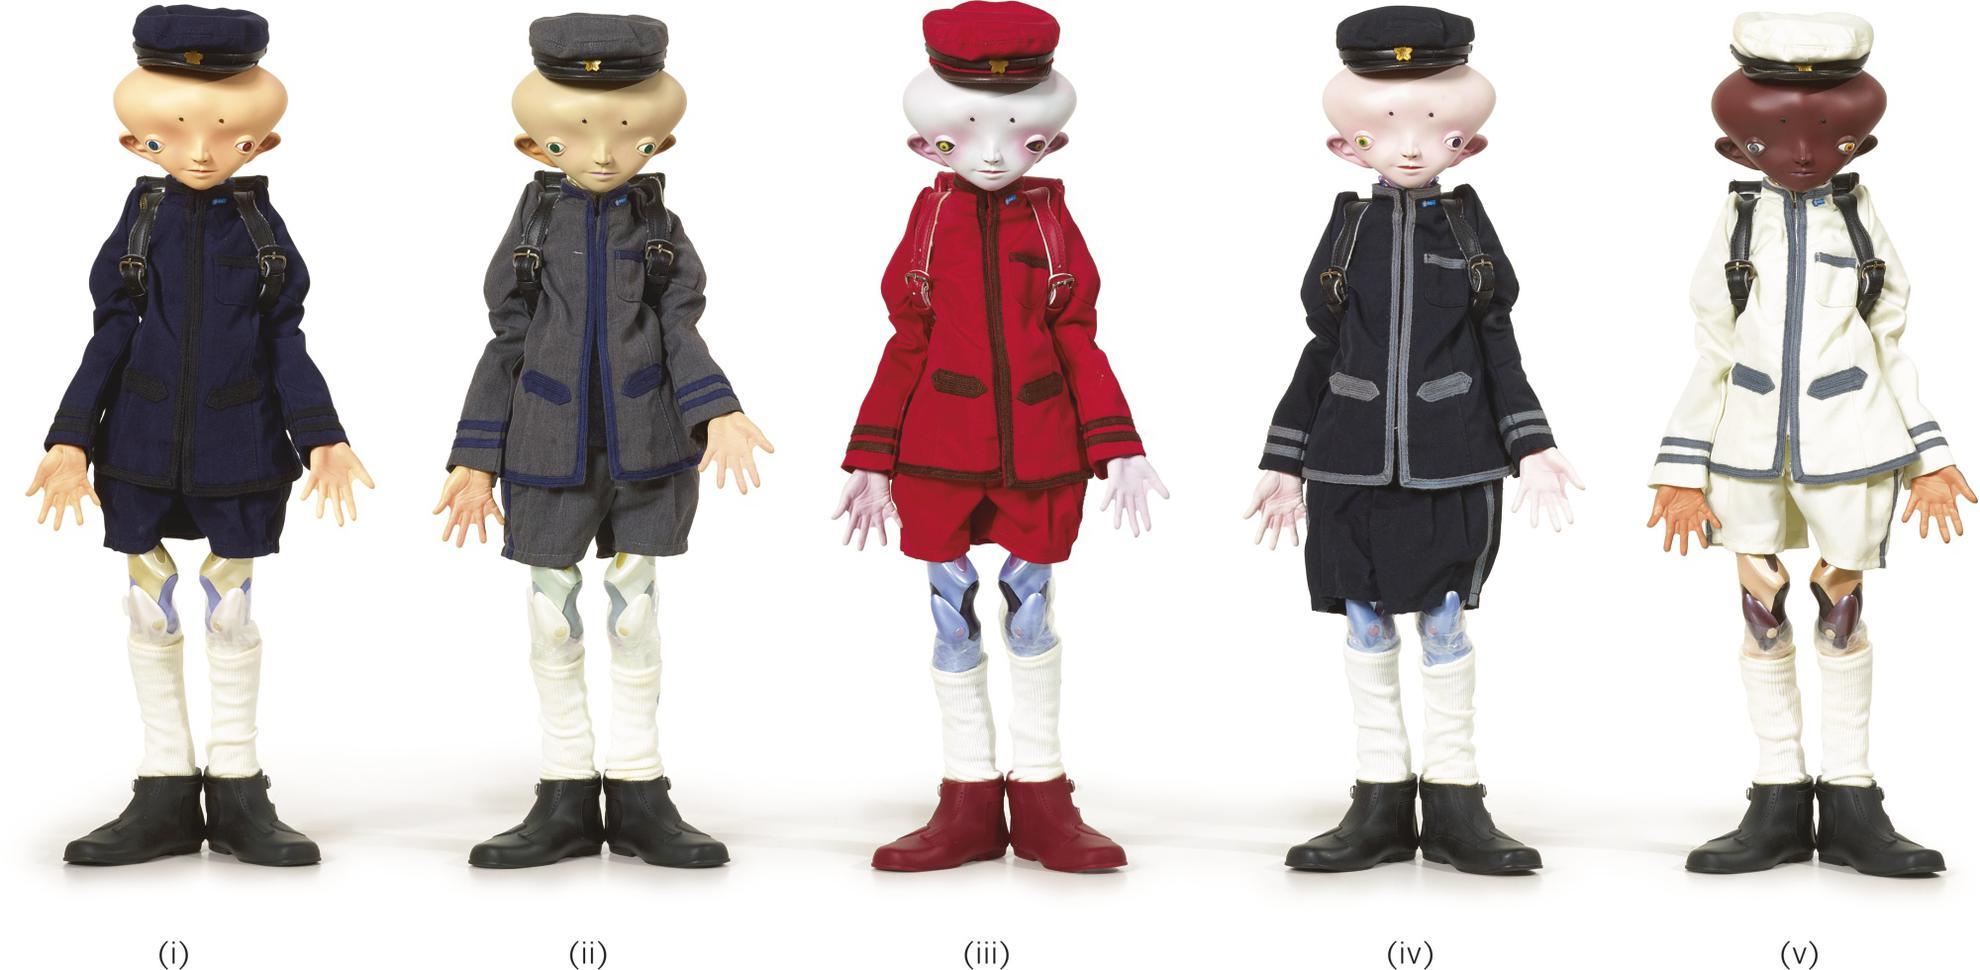 Takashi Murakami-Inochi Doll: I. Yamamoto/ II. Zhang/ III. David/ IV. Victor/ V. Bob (Five Works)-2009